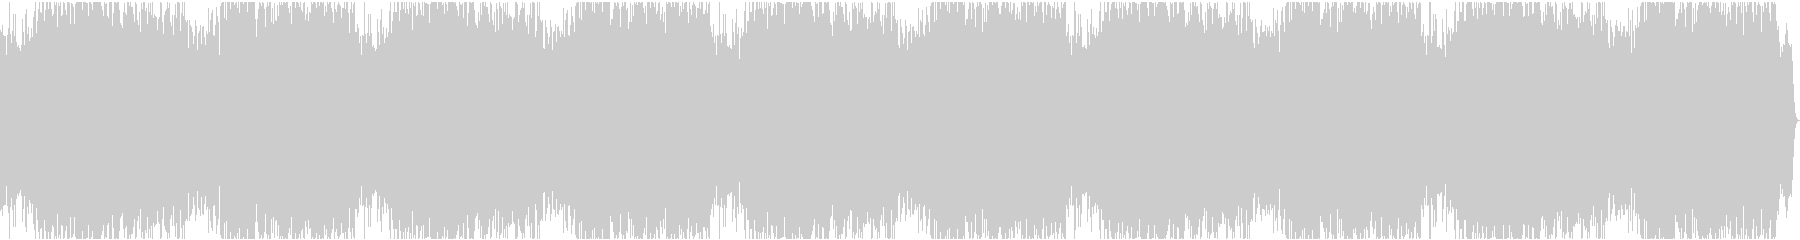 企業VP8 14分 16bit48kHzの未再生の波形